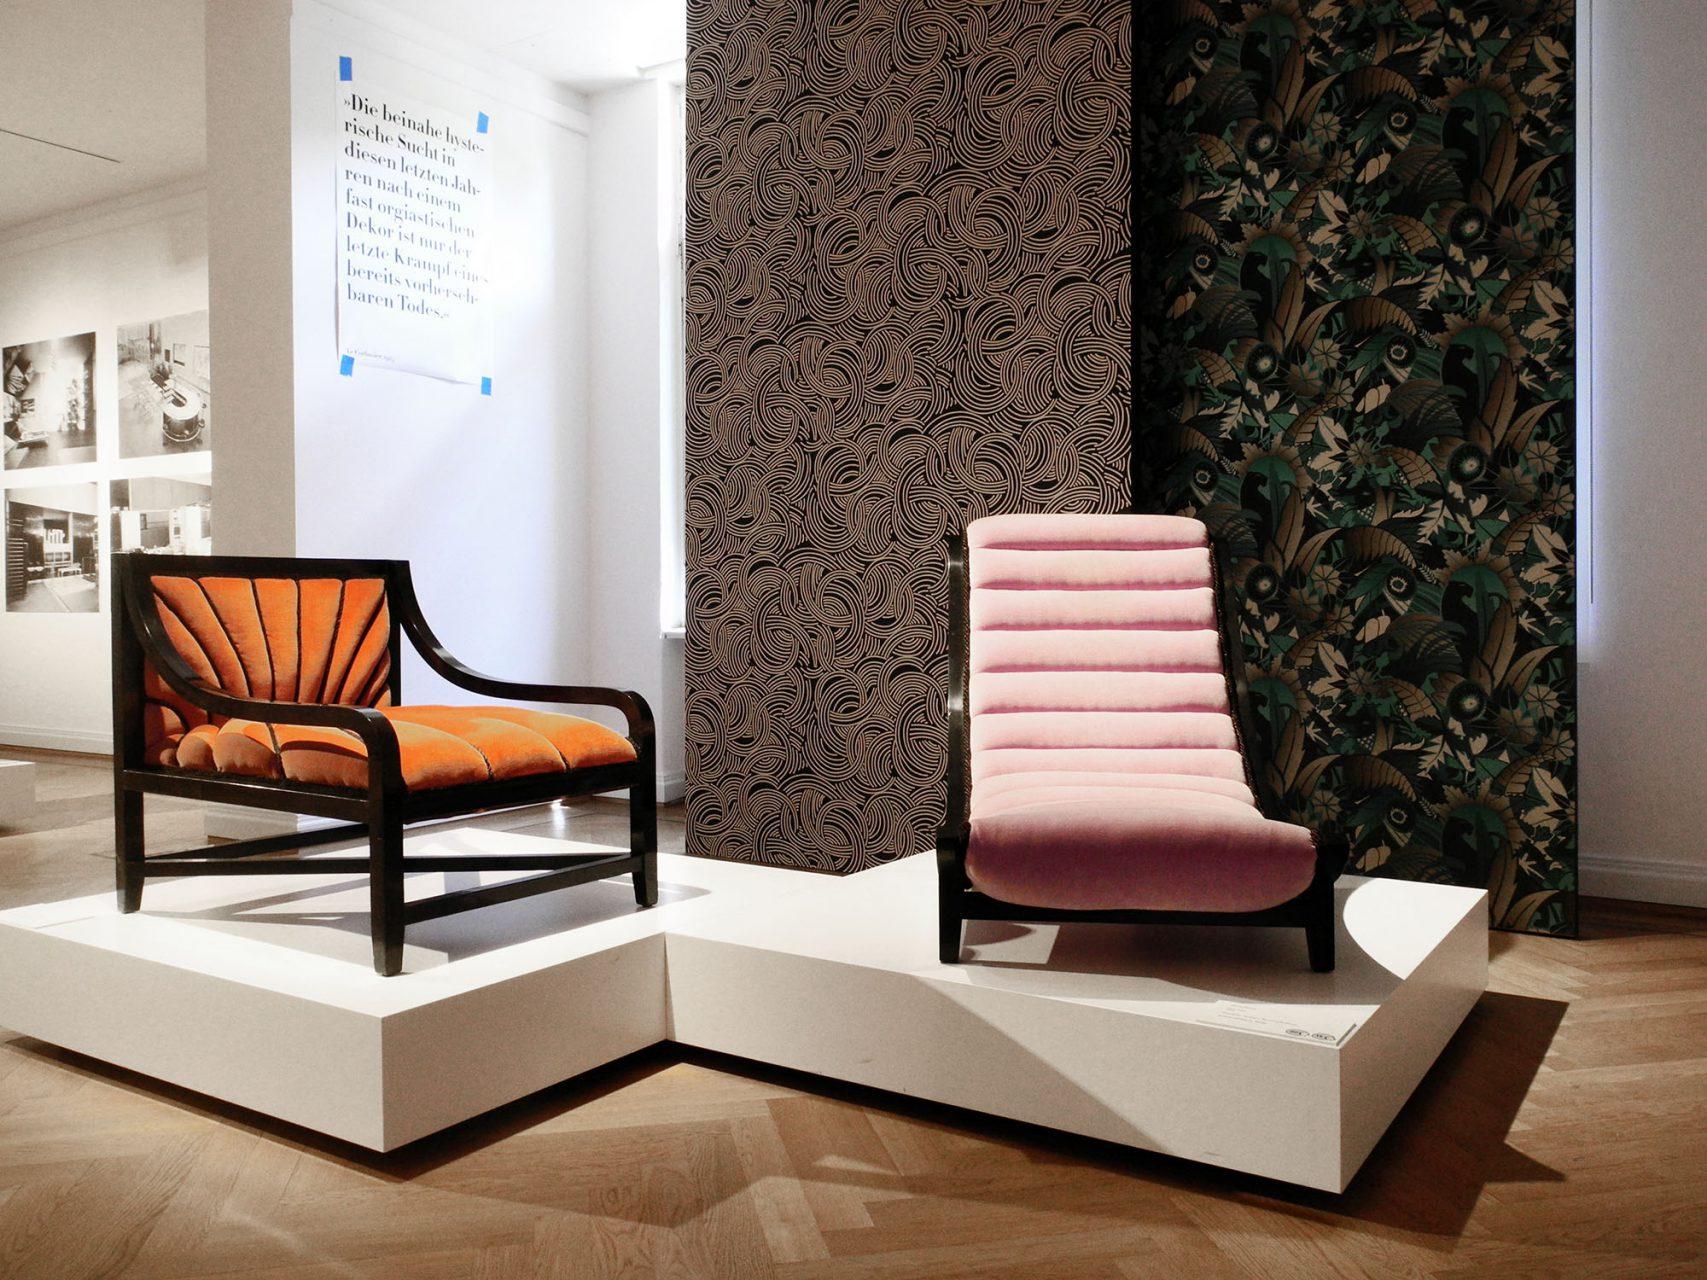 stilduell berlin deutschland the link auf reisen mit architektur im stadtleben. Black Bedroom Furniture Sets. Home Design Ideas